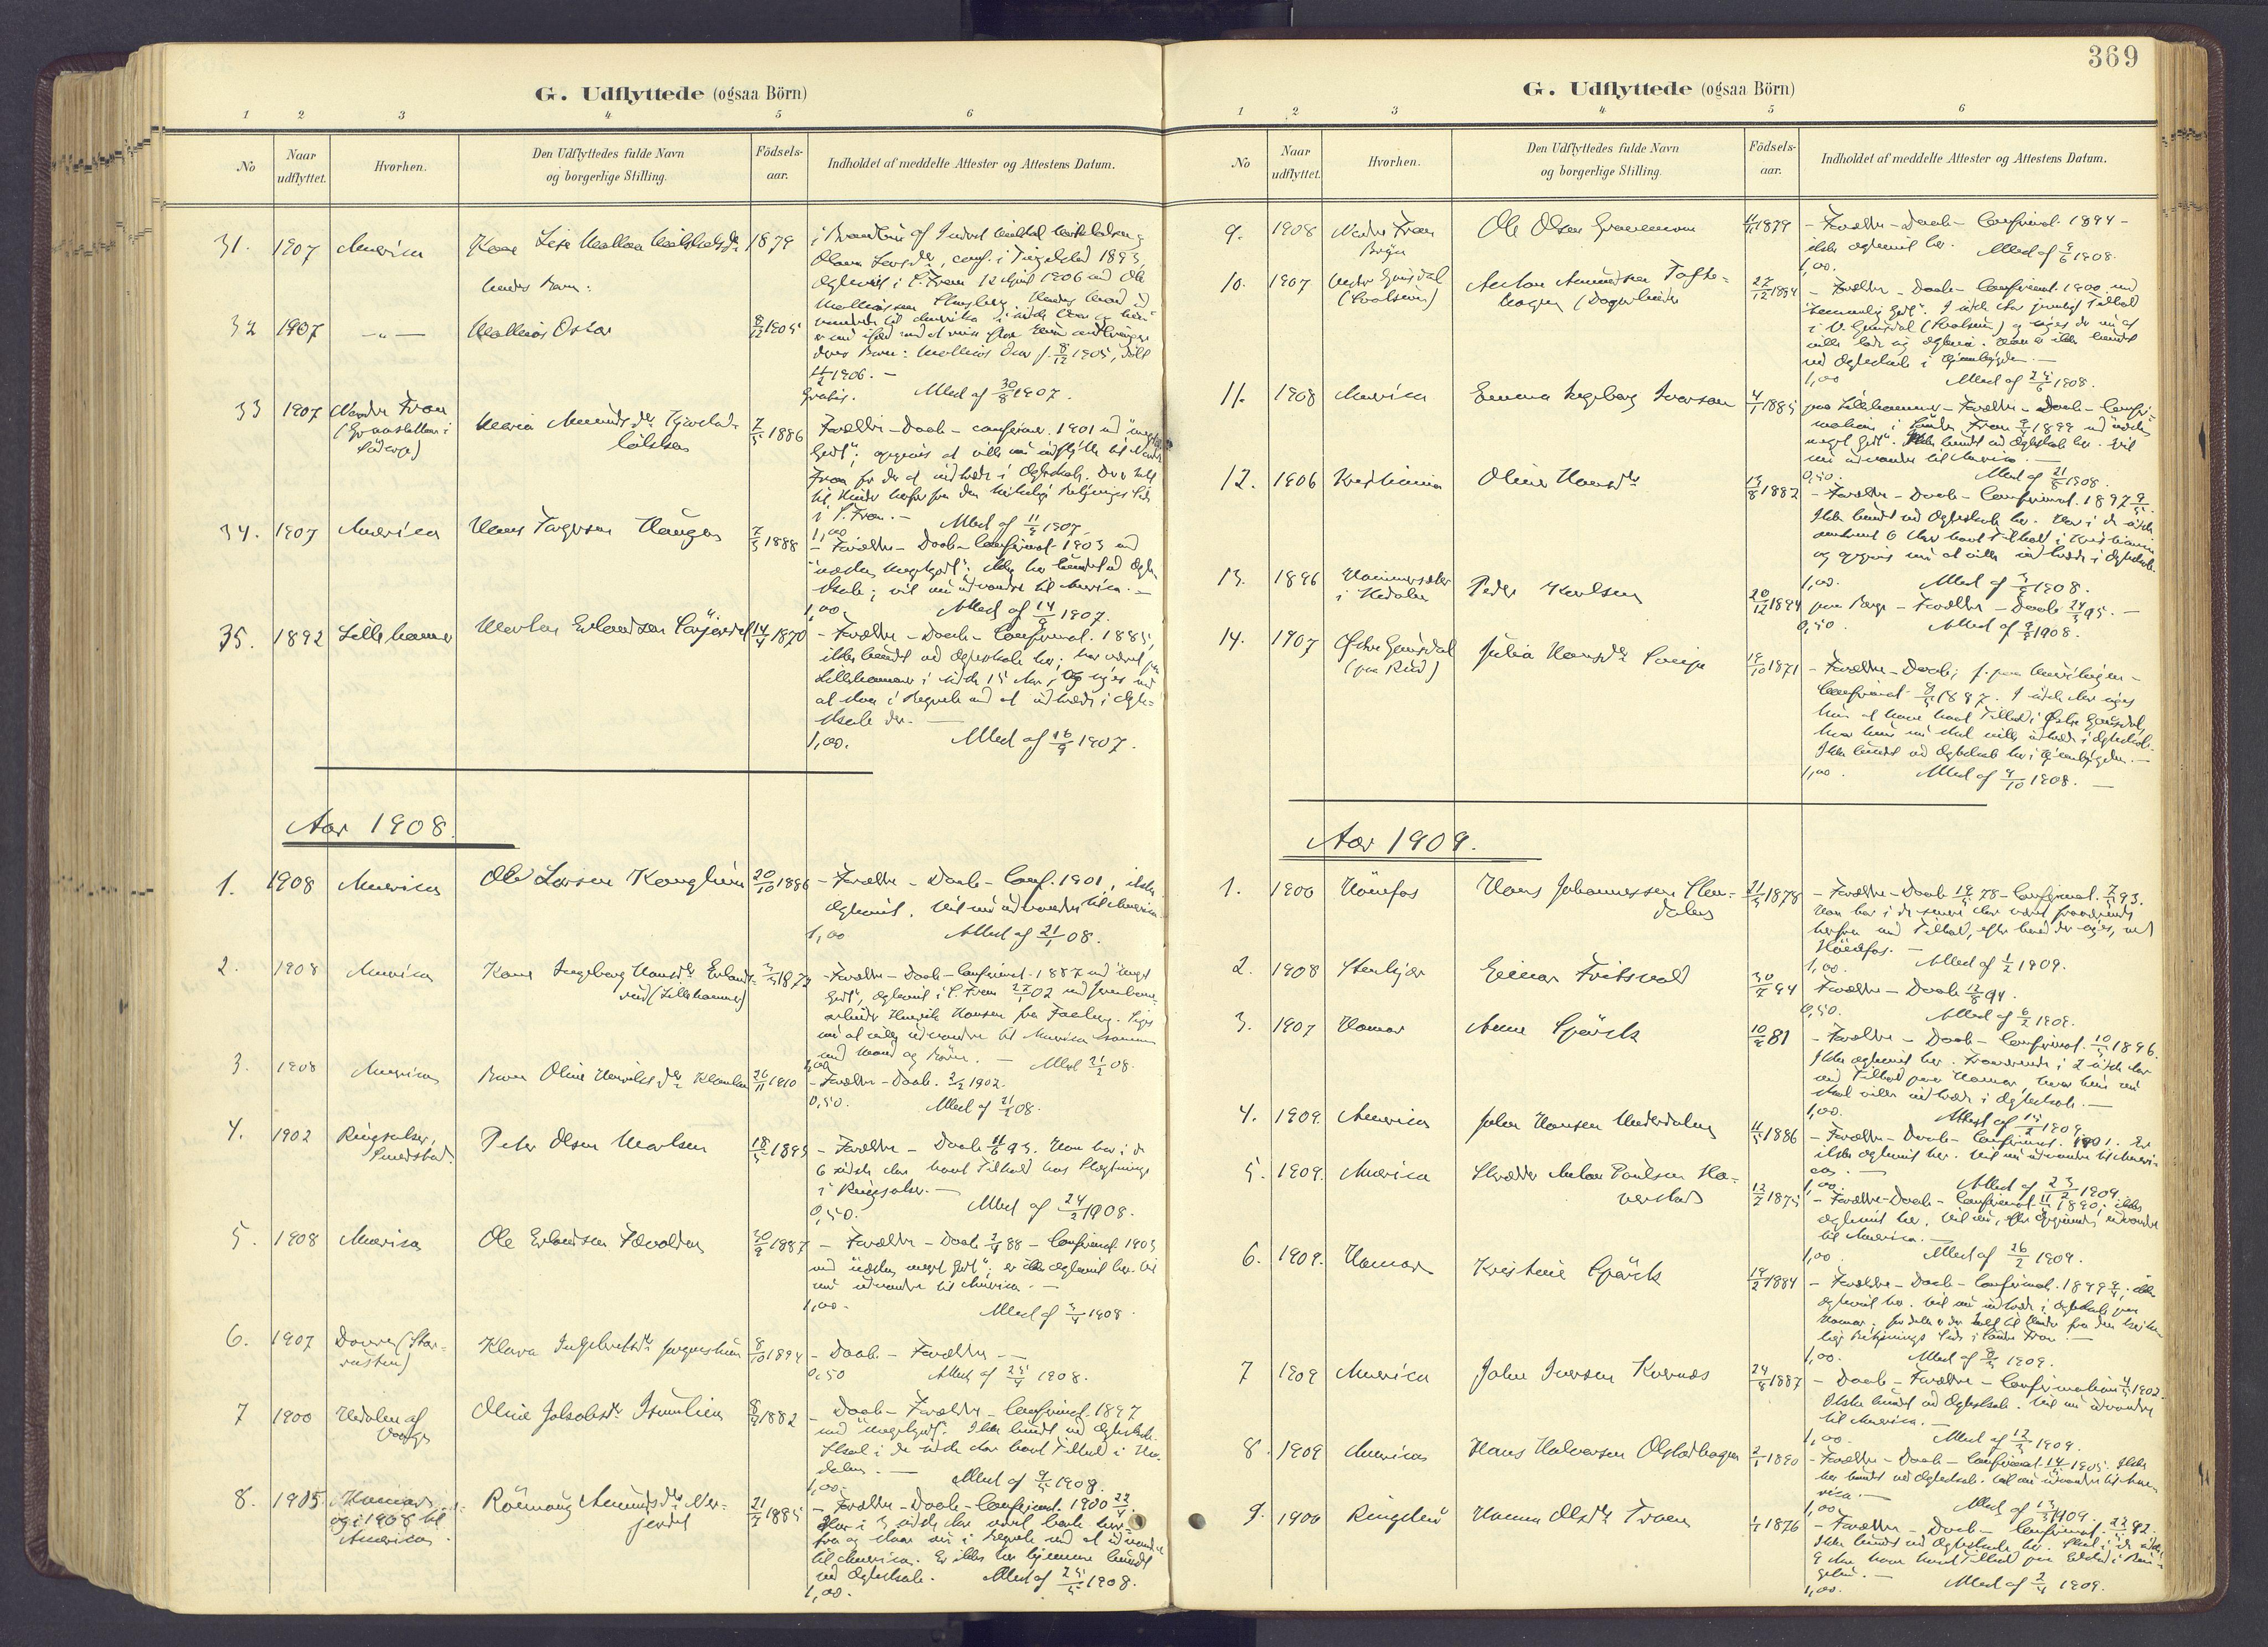 SAH, Sør-Fron prestekontor, H/Ha/Haa/L0004: Ministerialbok nr. 4, 1898-1919, s. 369